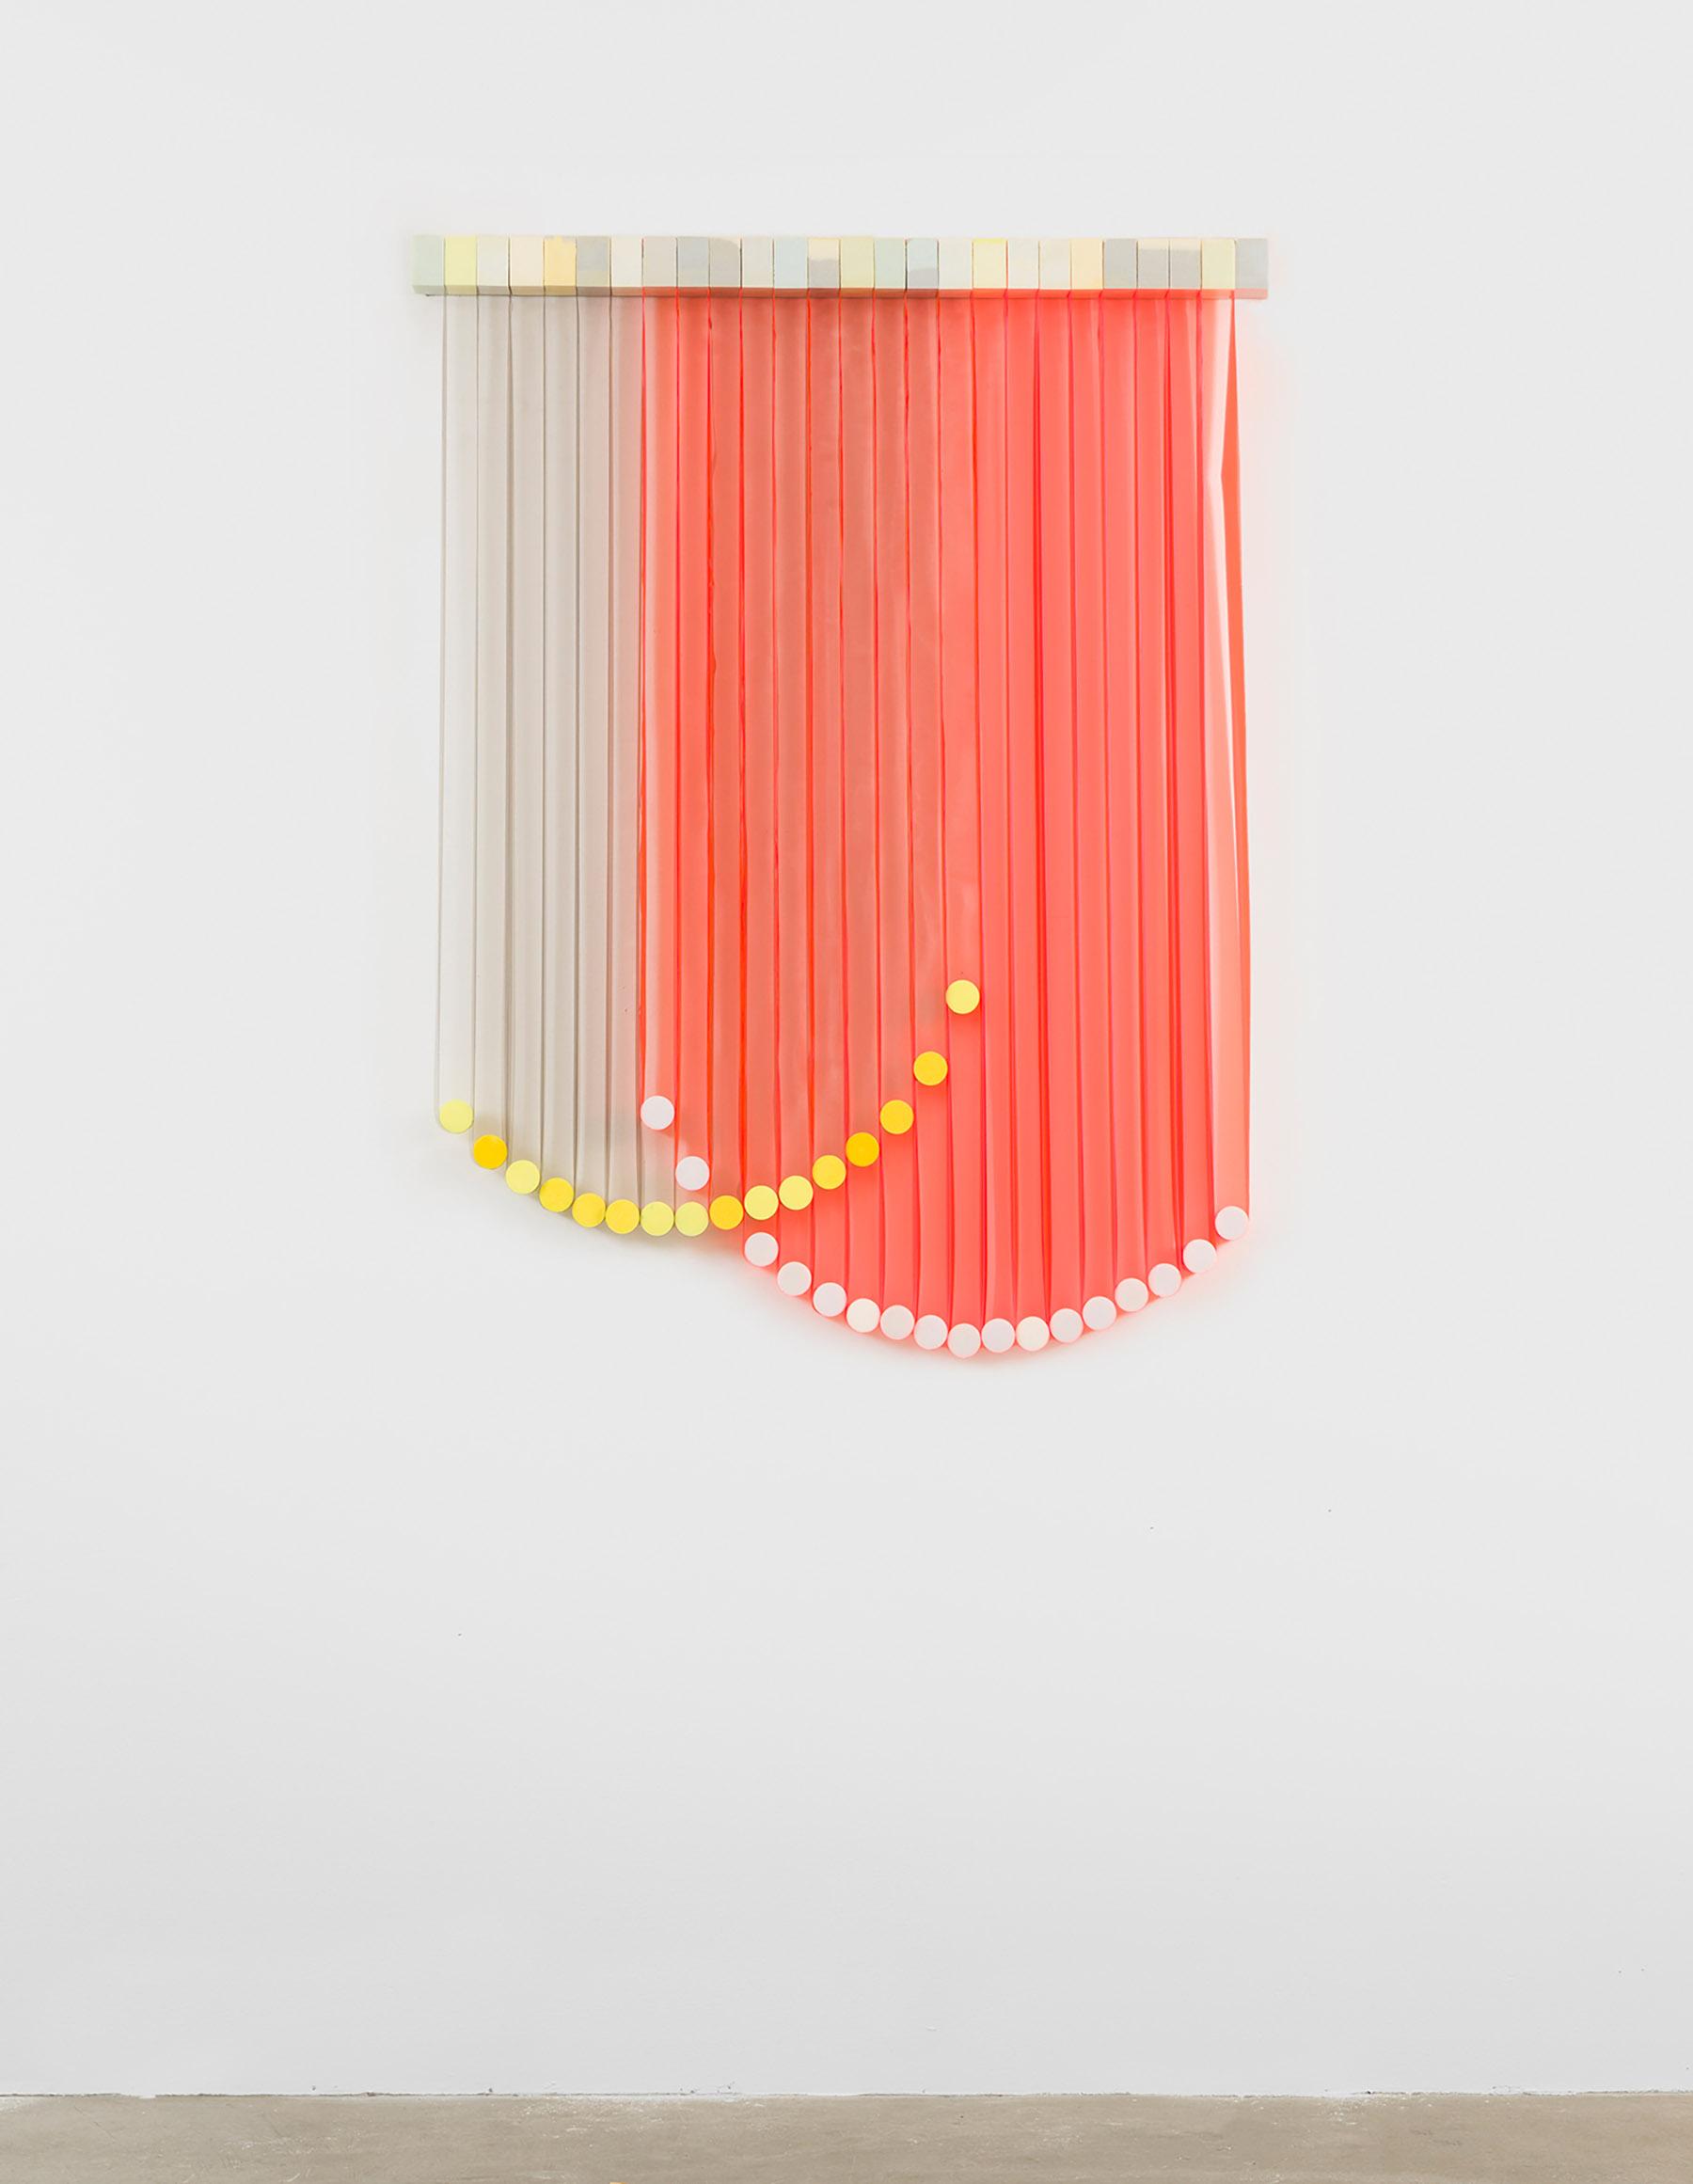 iGNANT-Art-Eva-Lewitt-Untitled-08